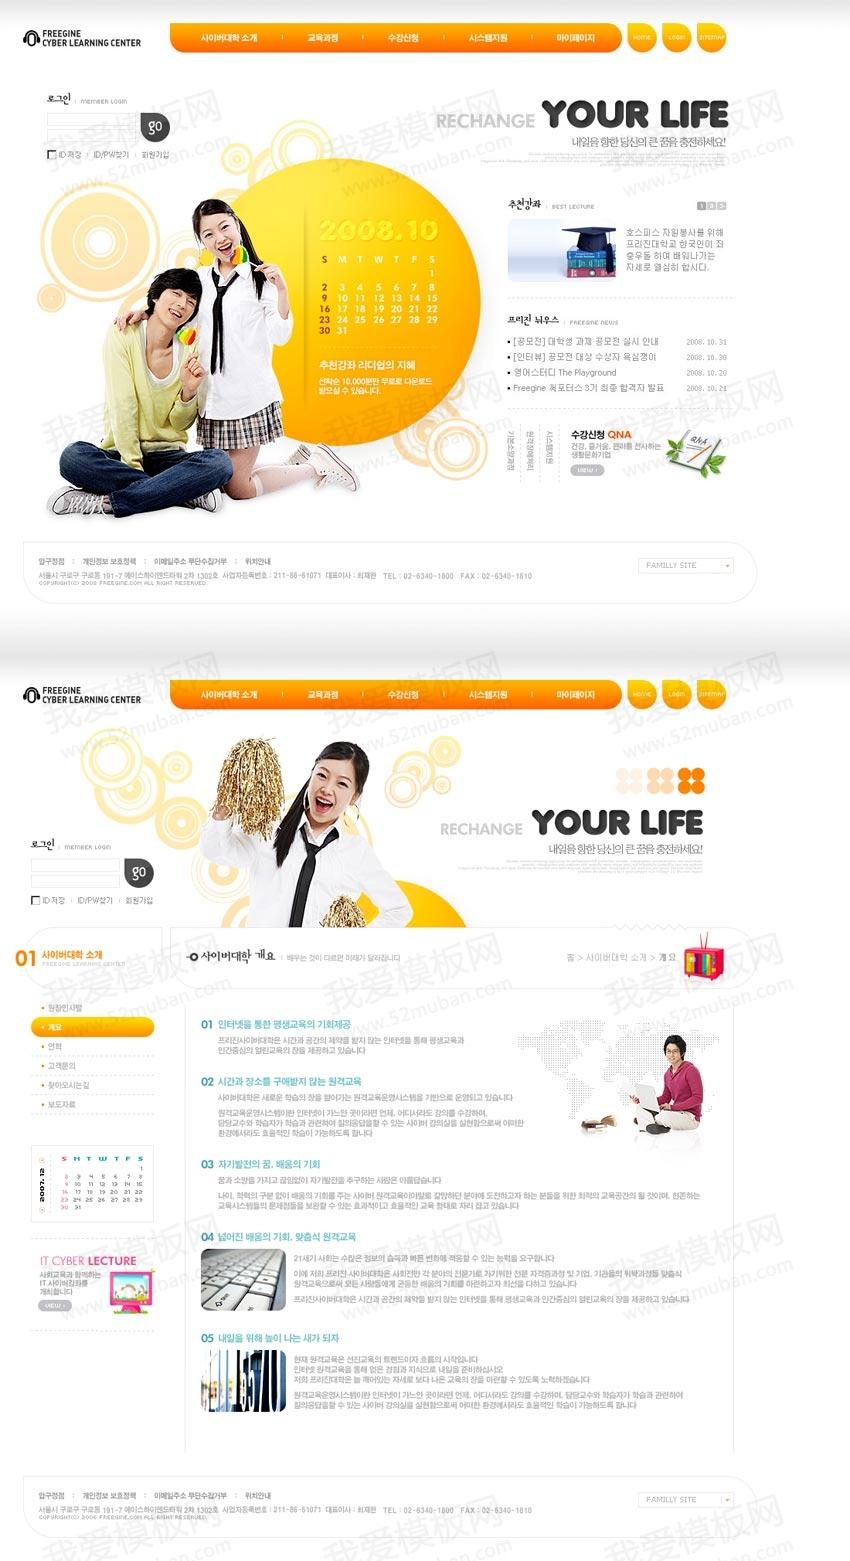 橙色系列韩国学校教育网站模板全站psd下载